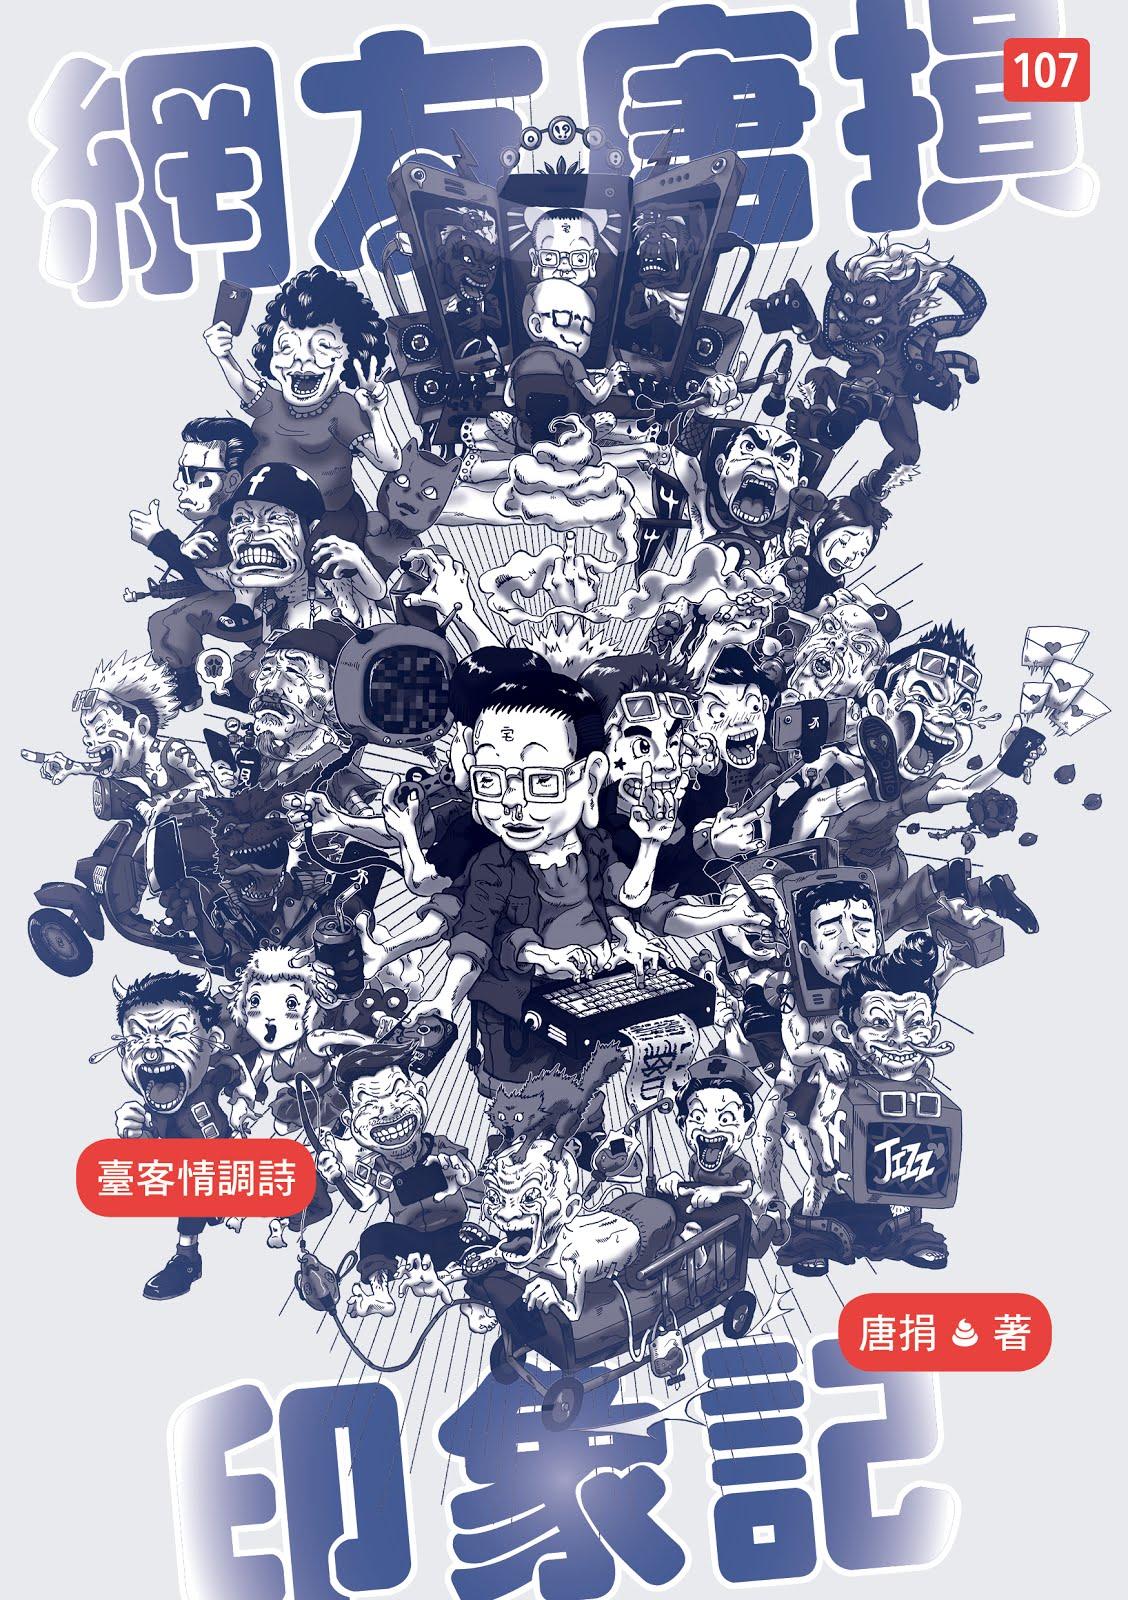 網友唐損印象記